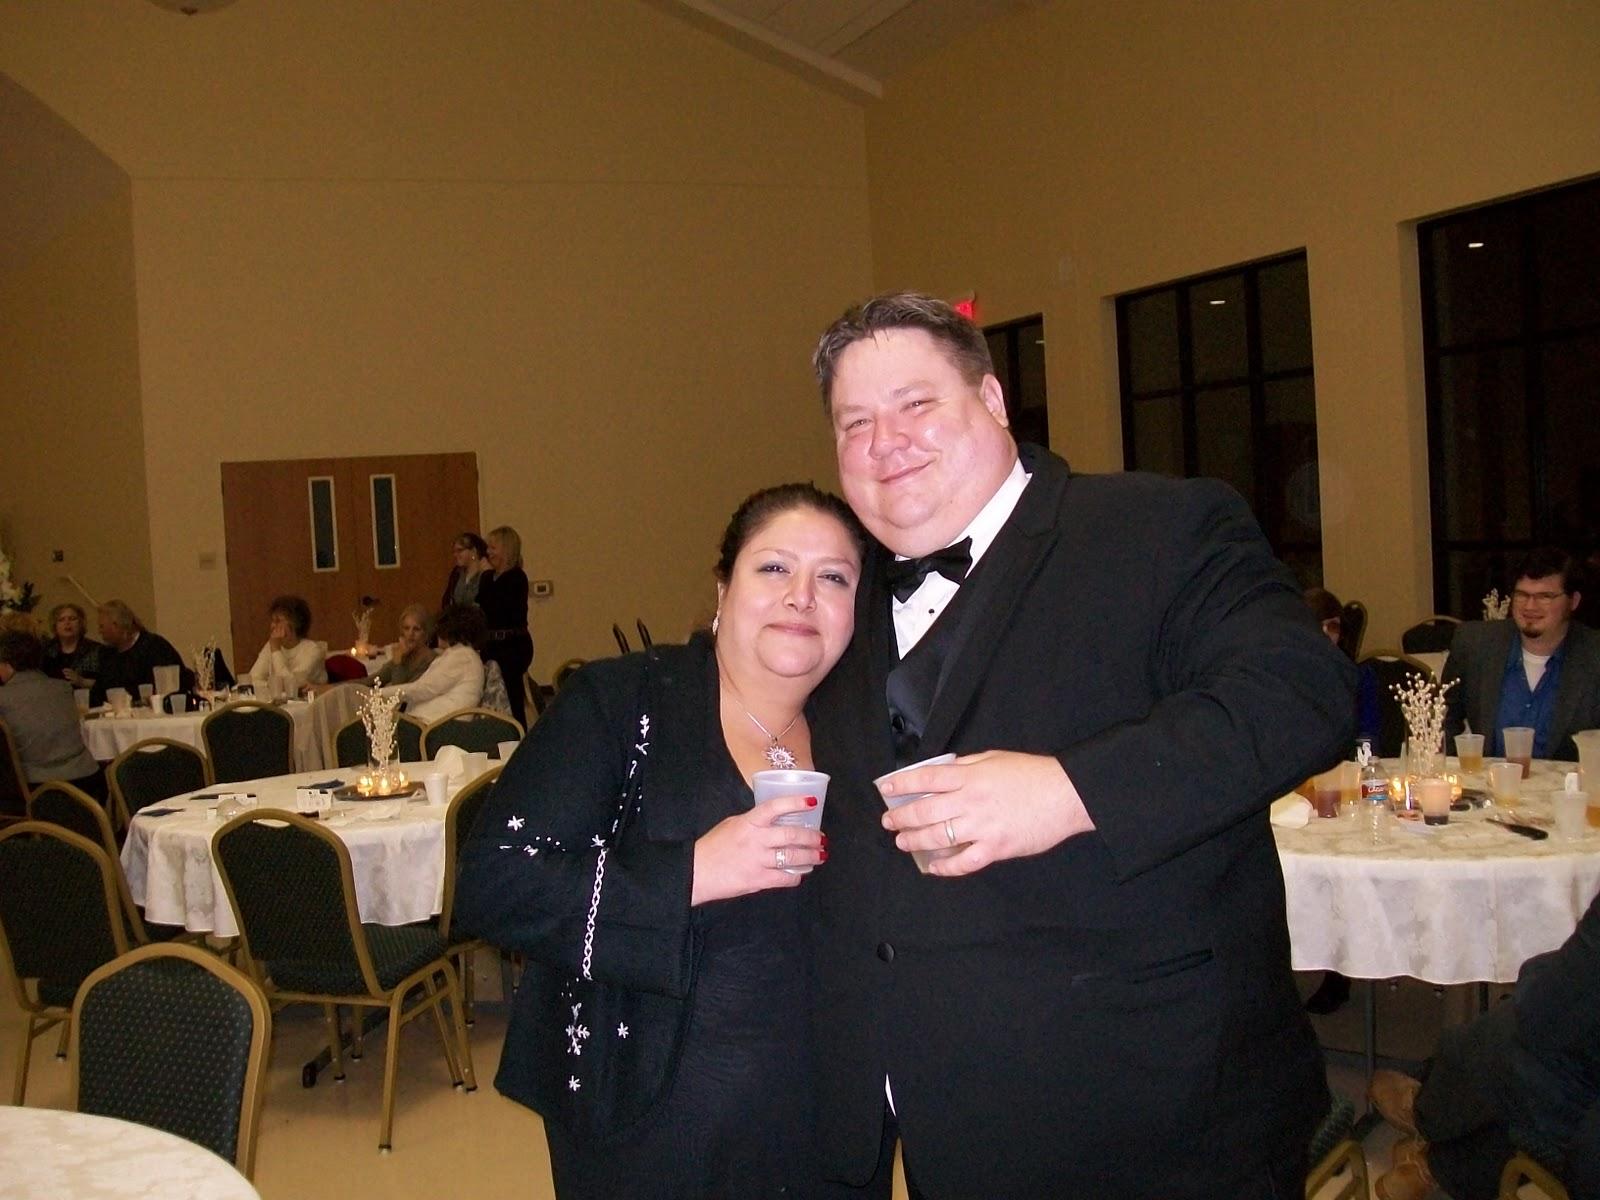 Our Wedding, photos by Joan Moeller - 100_0522.JPG